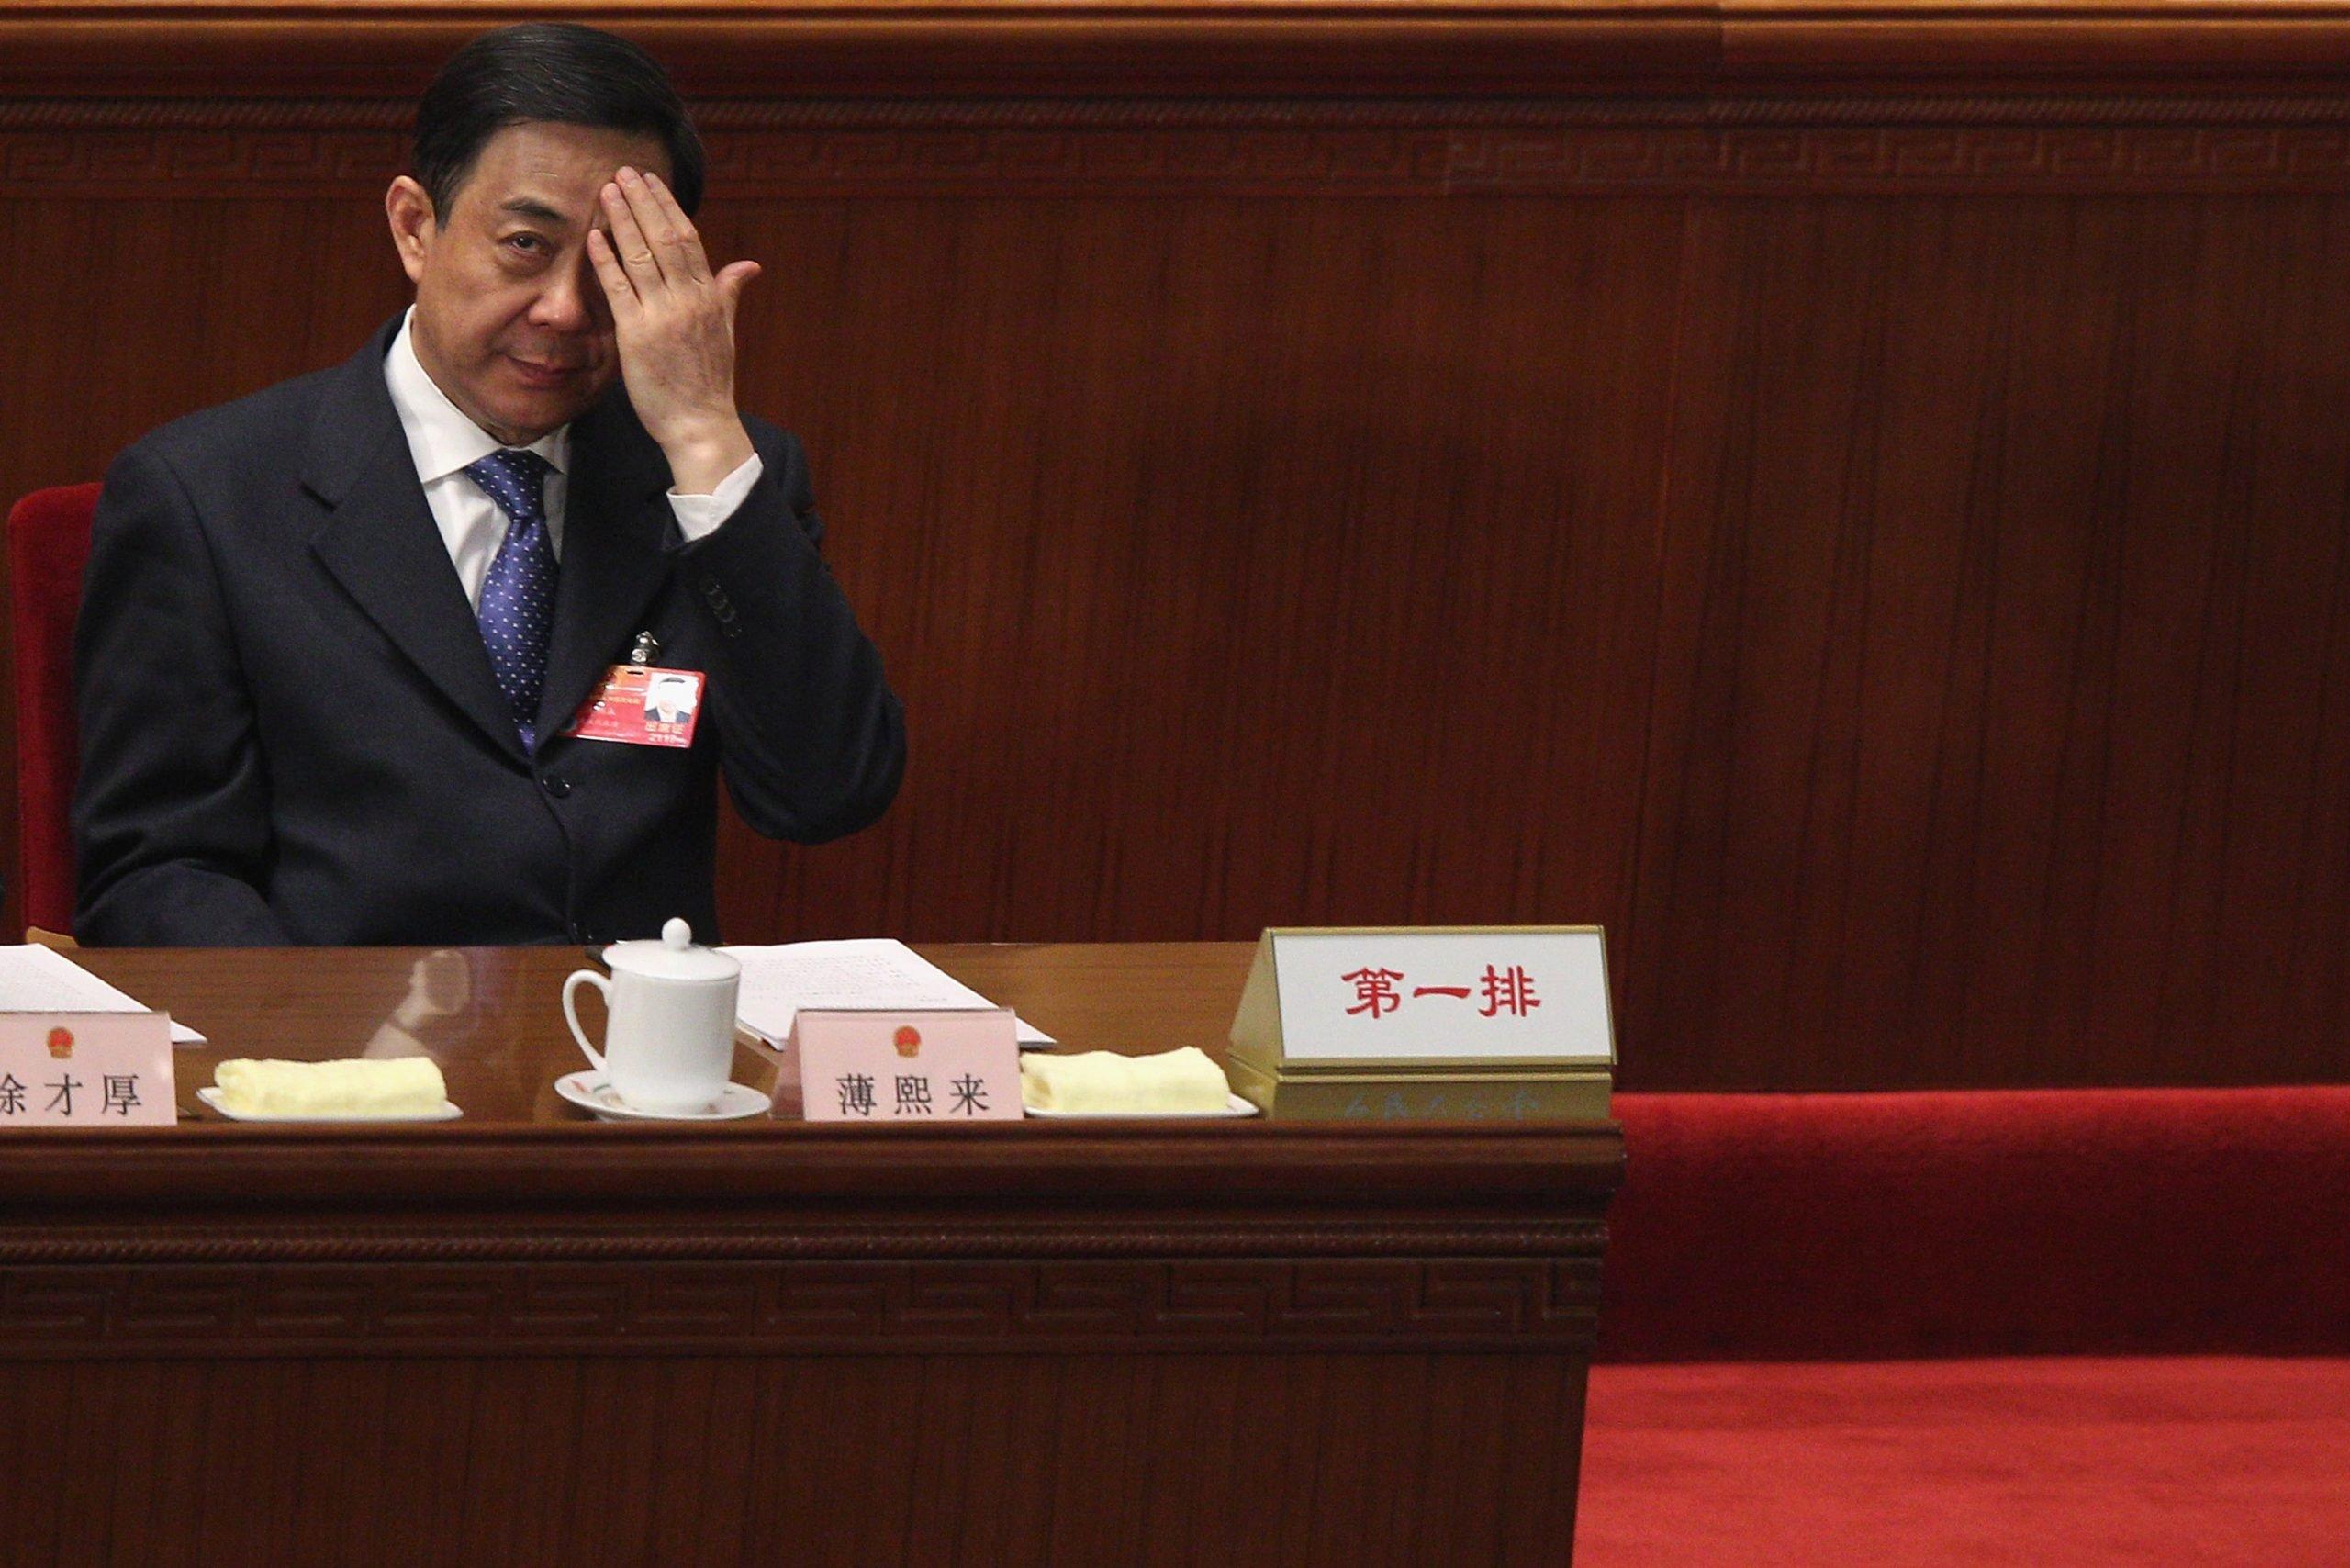 夏小強:薄熙來被判無期釋放兩個政治信號